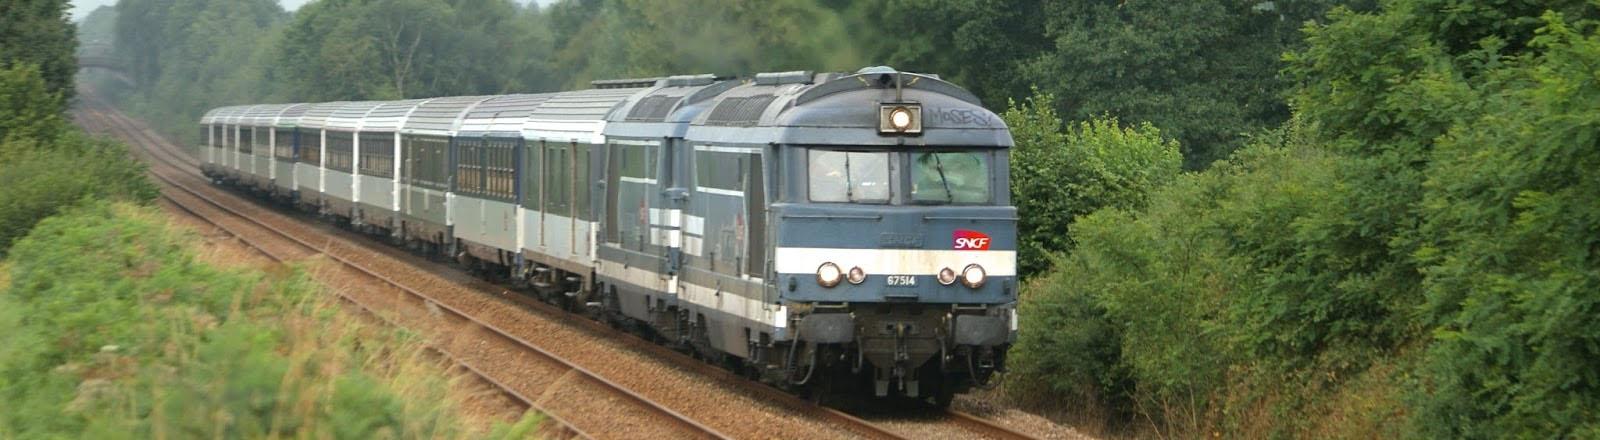 Un train corail